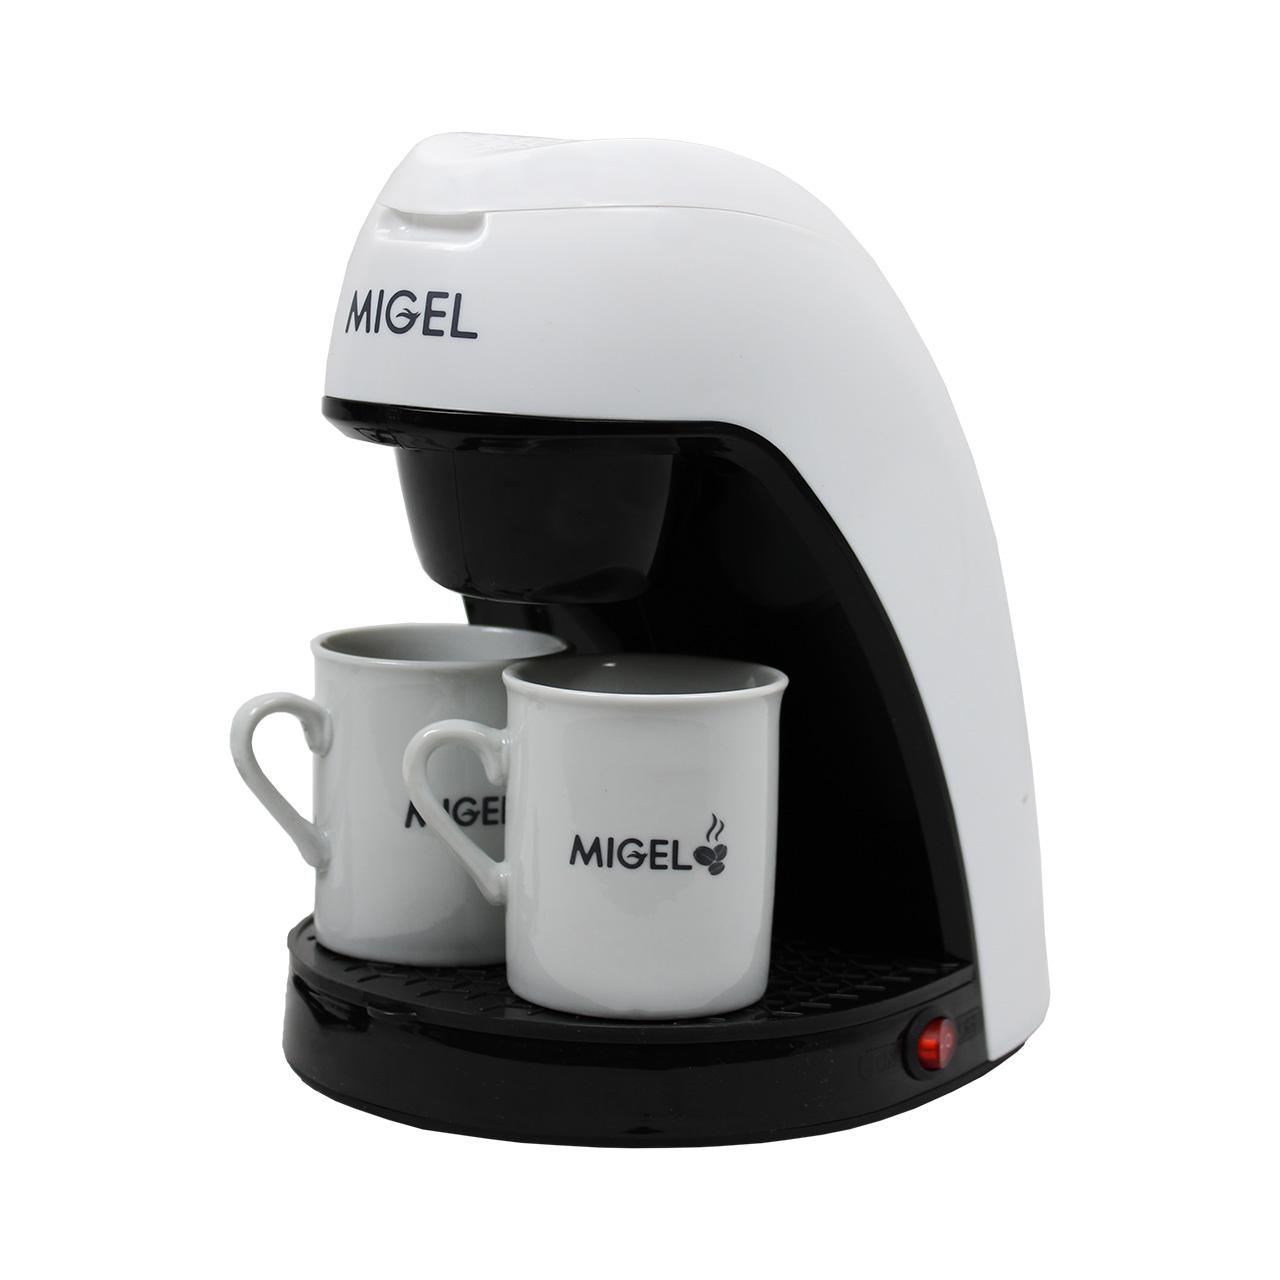 قهوه ساز میگل مدل 01